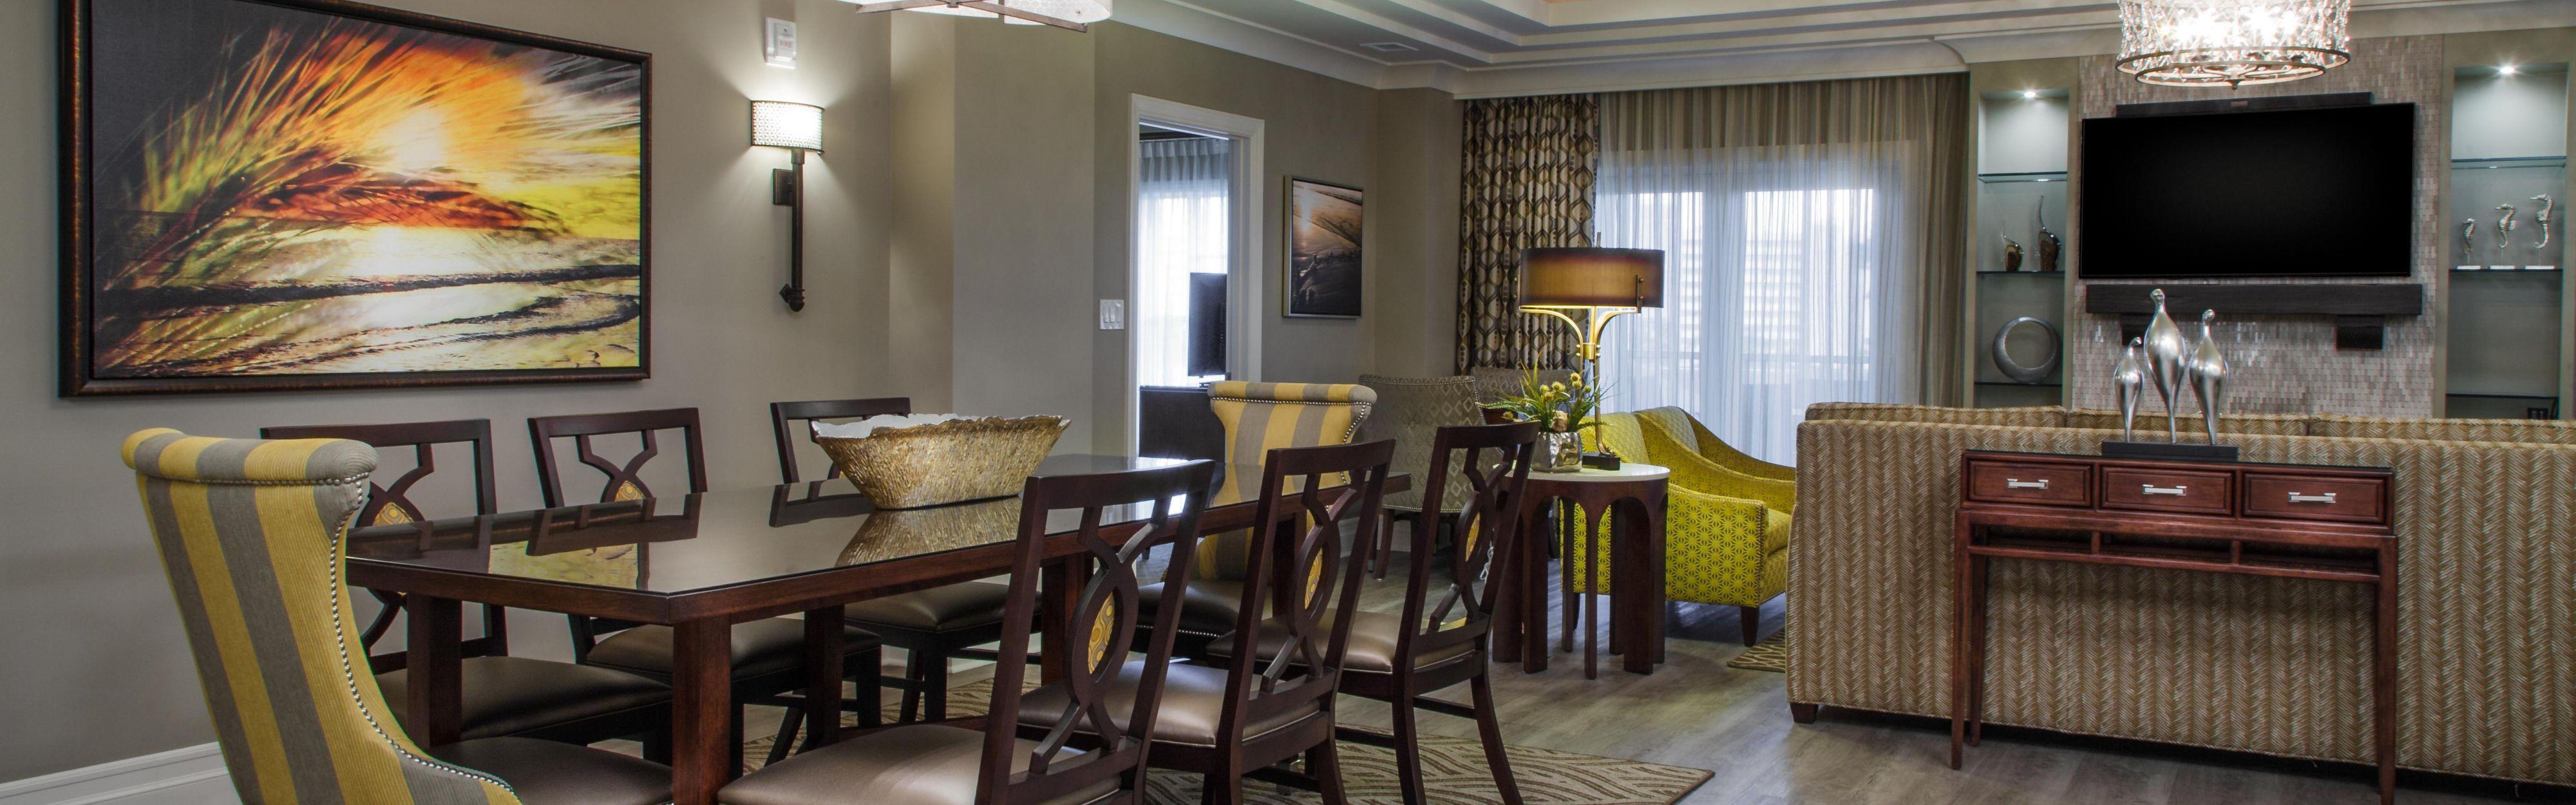 Holiday Inn Club Vacations Myrtle Beach-South Beach - Room